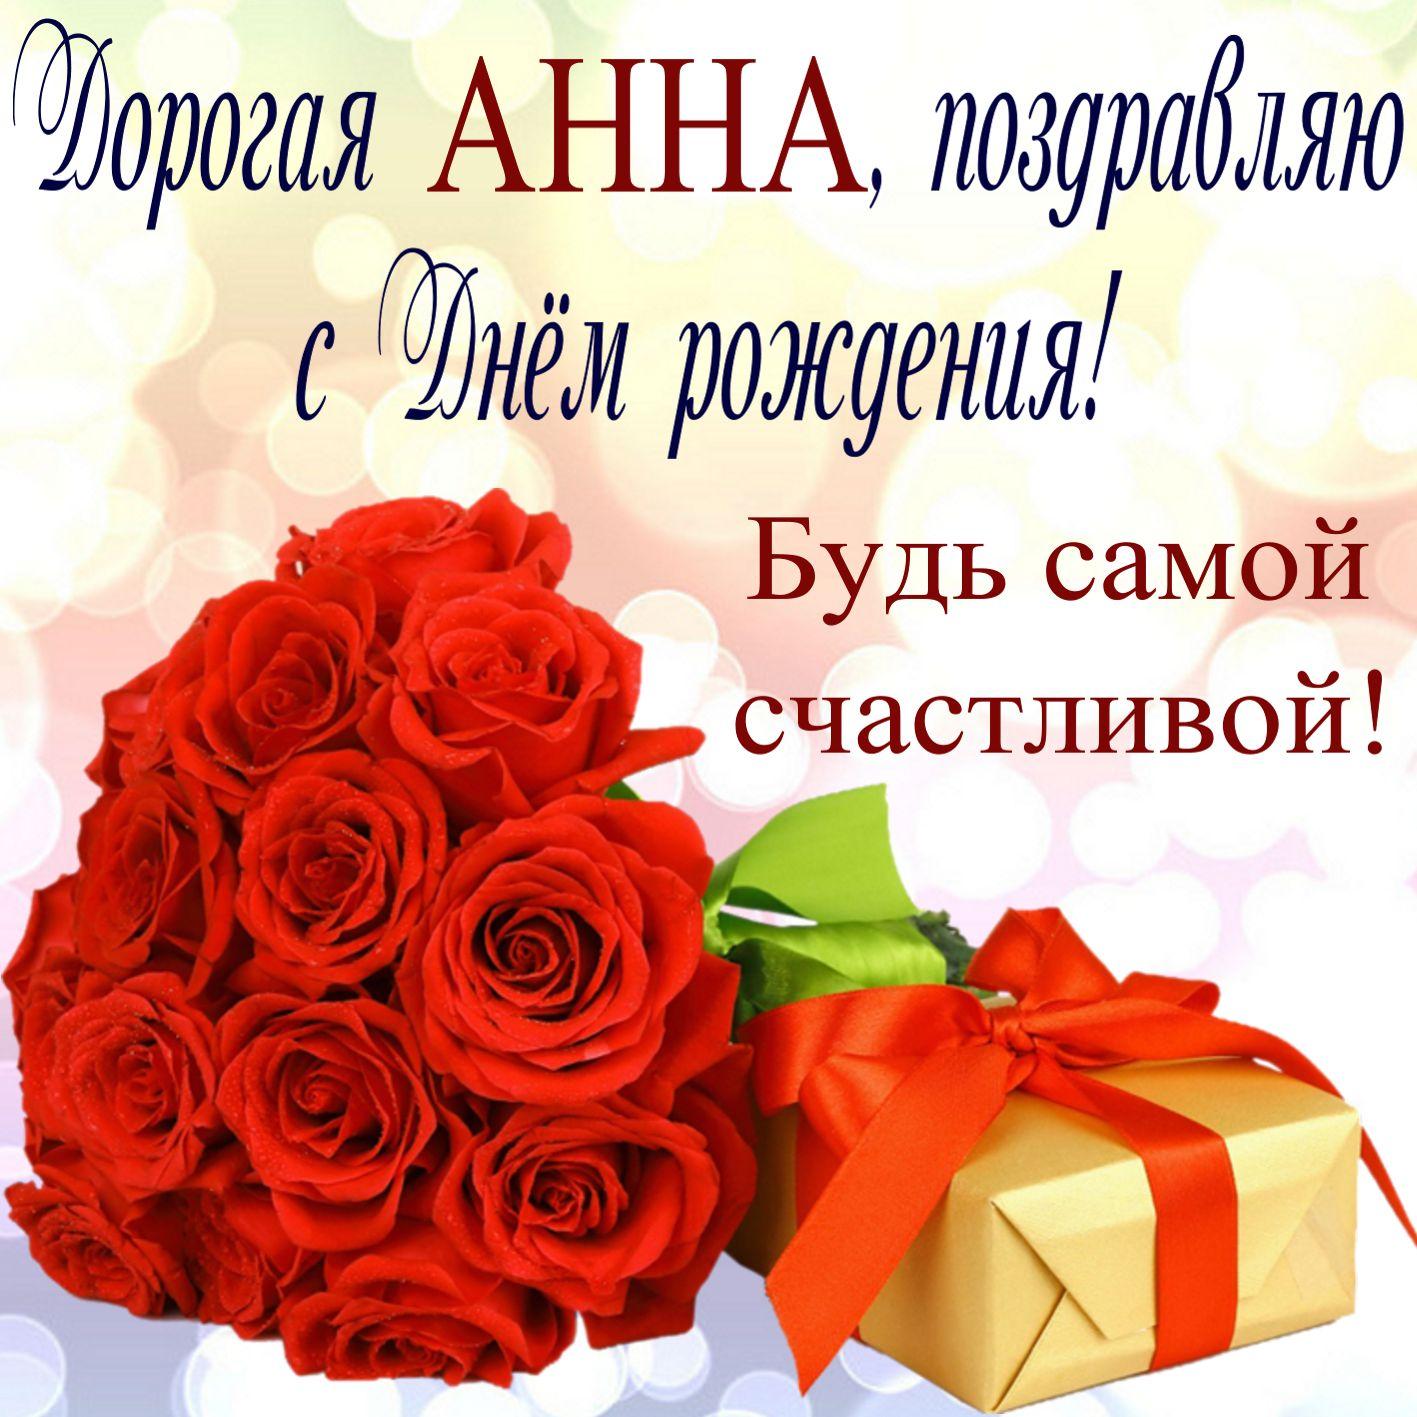 Поздравление открытка с днем рождения для анны 26